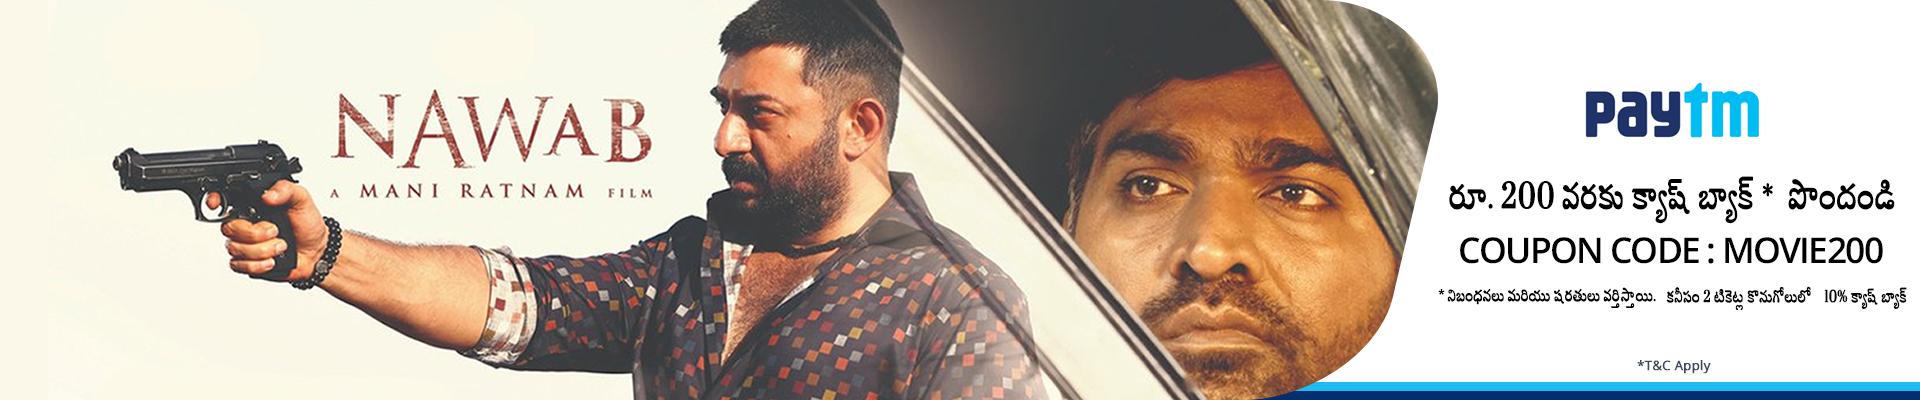 Nawab Movie Banner